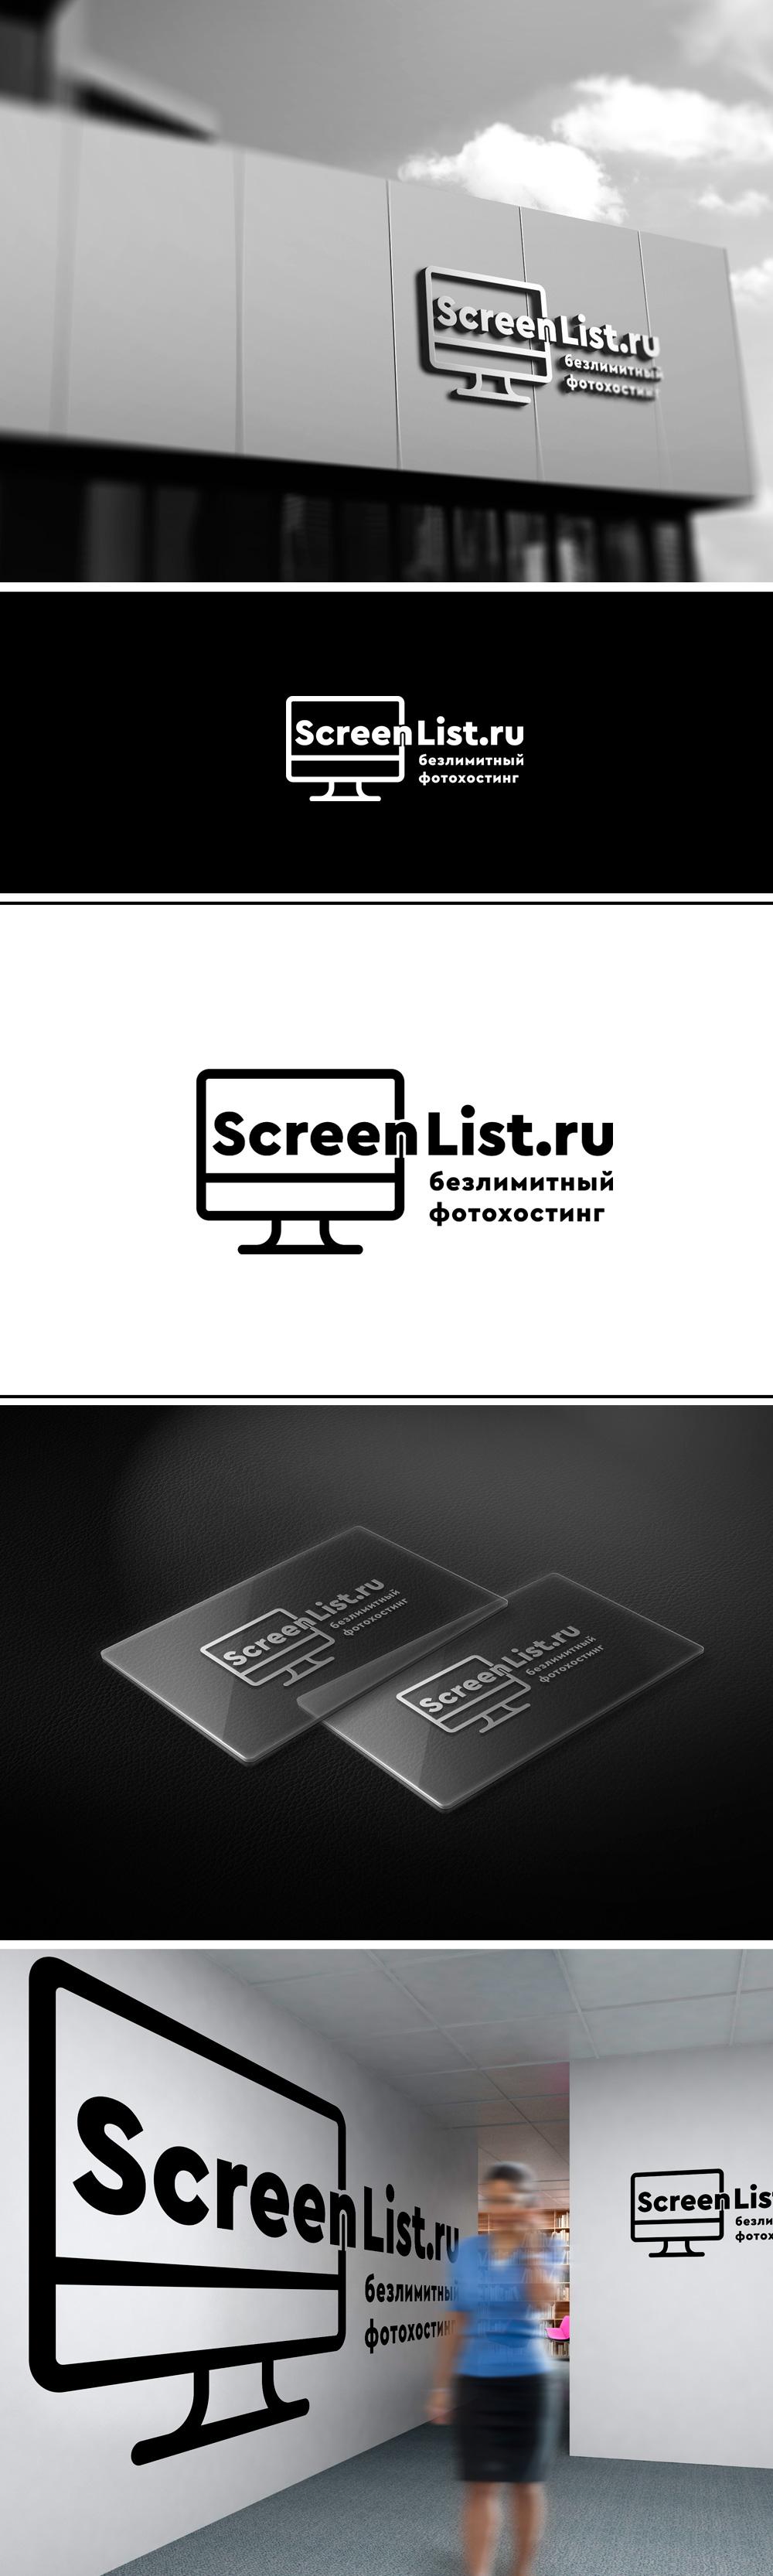 Безлимитный фотохостинг ScreenList.ru требует новый дизайн фото f_47159c38ee6deae9.jpg